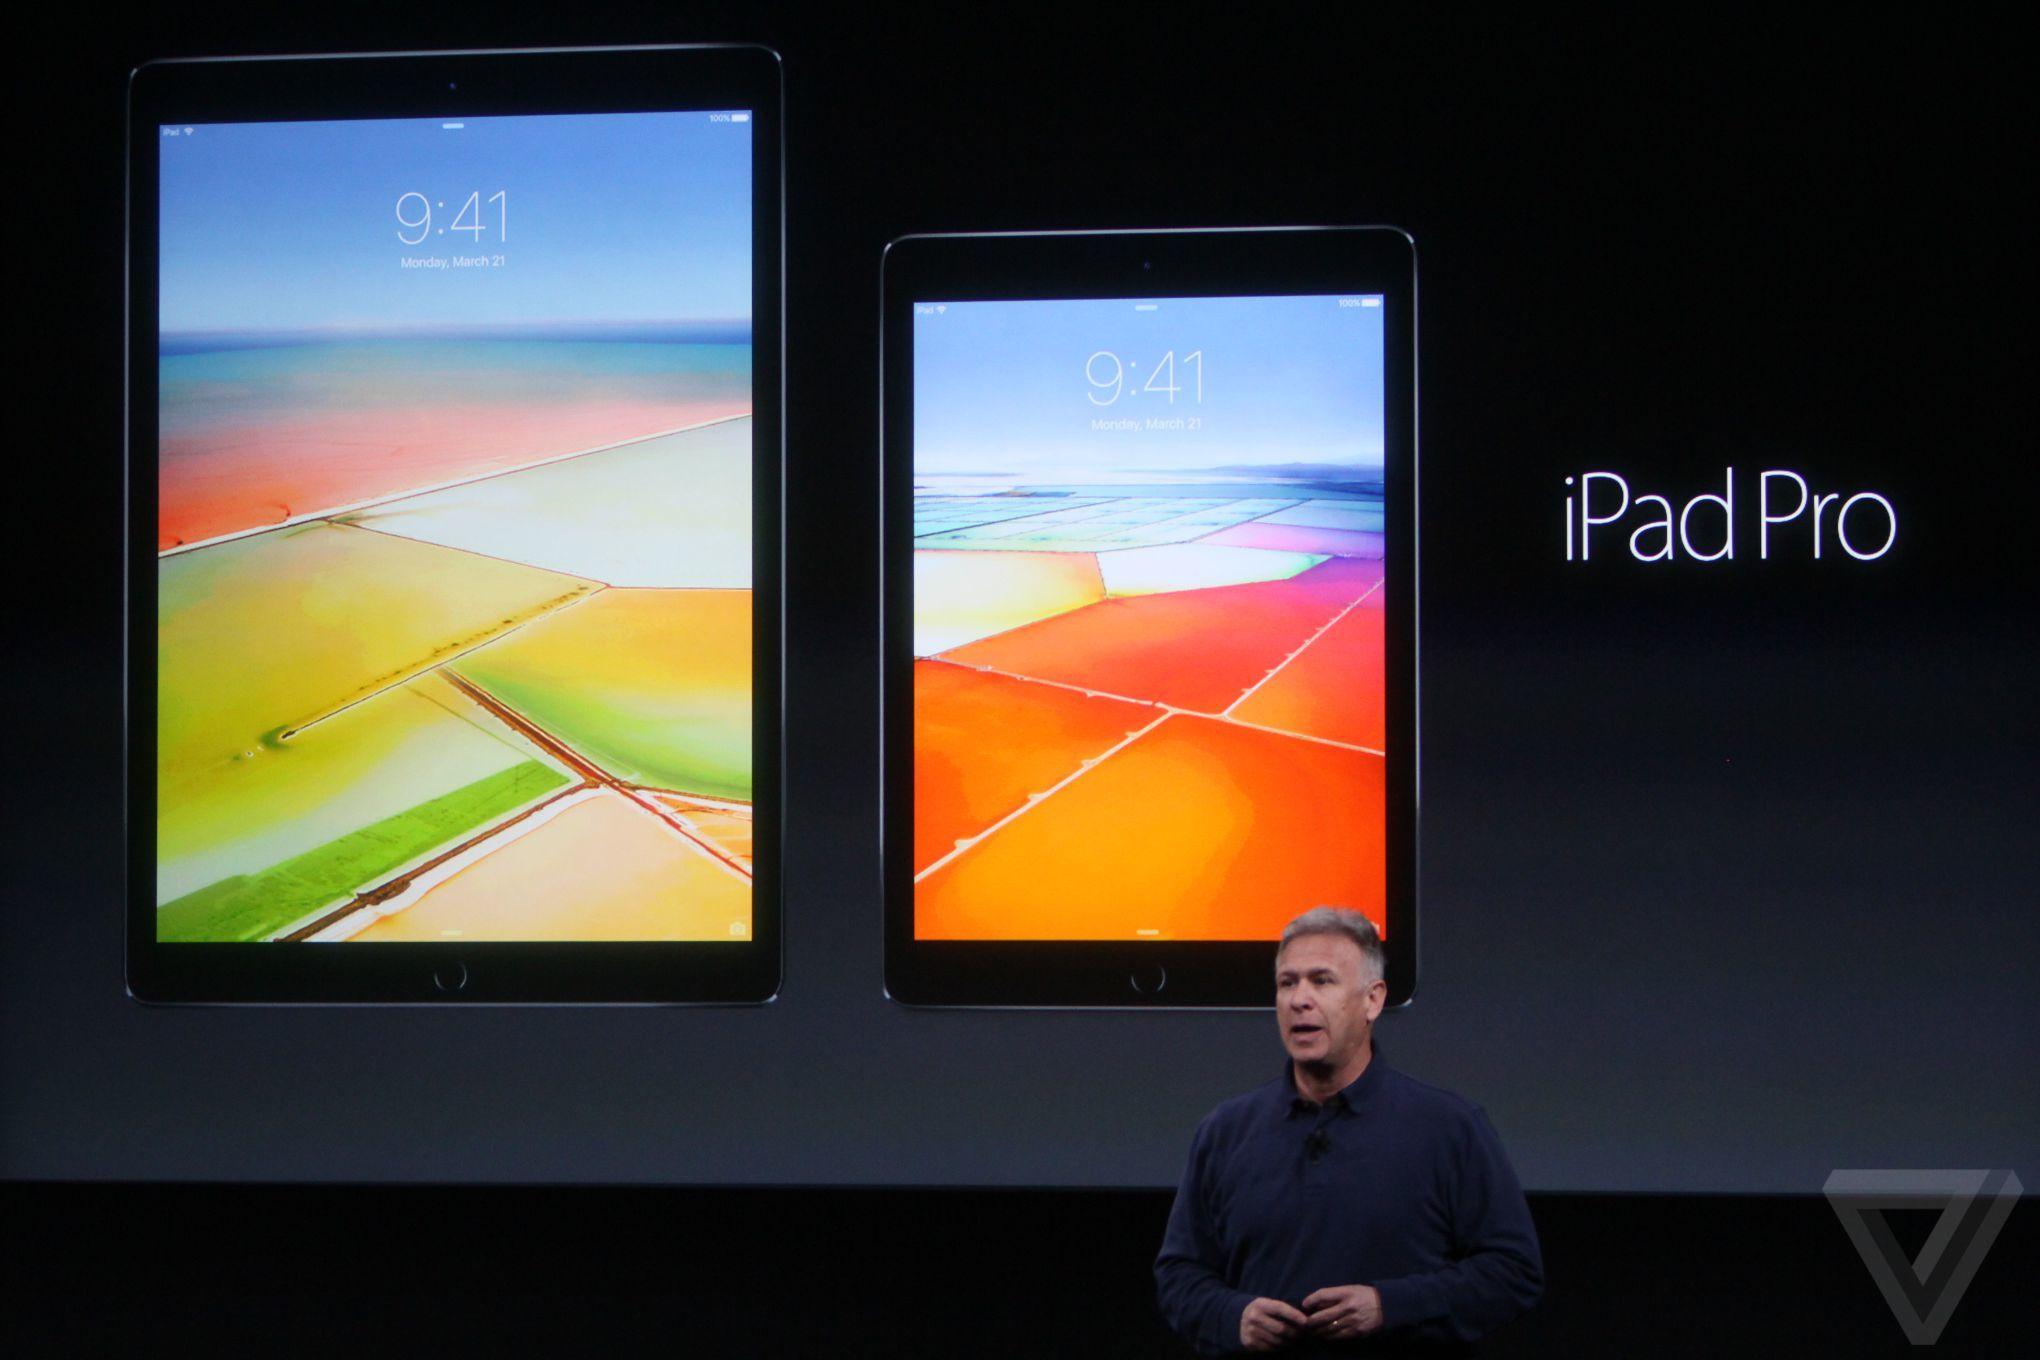 Představen byl také nový iPad Pro s úhlopříčkou 9,7″